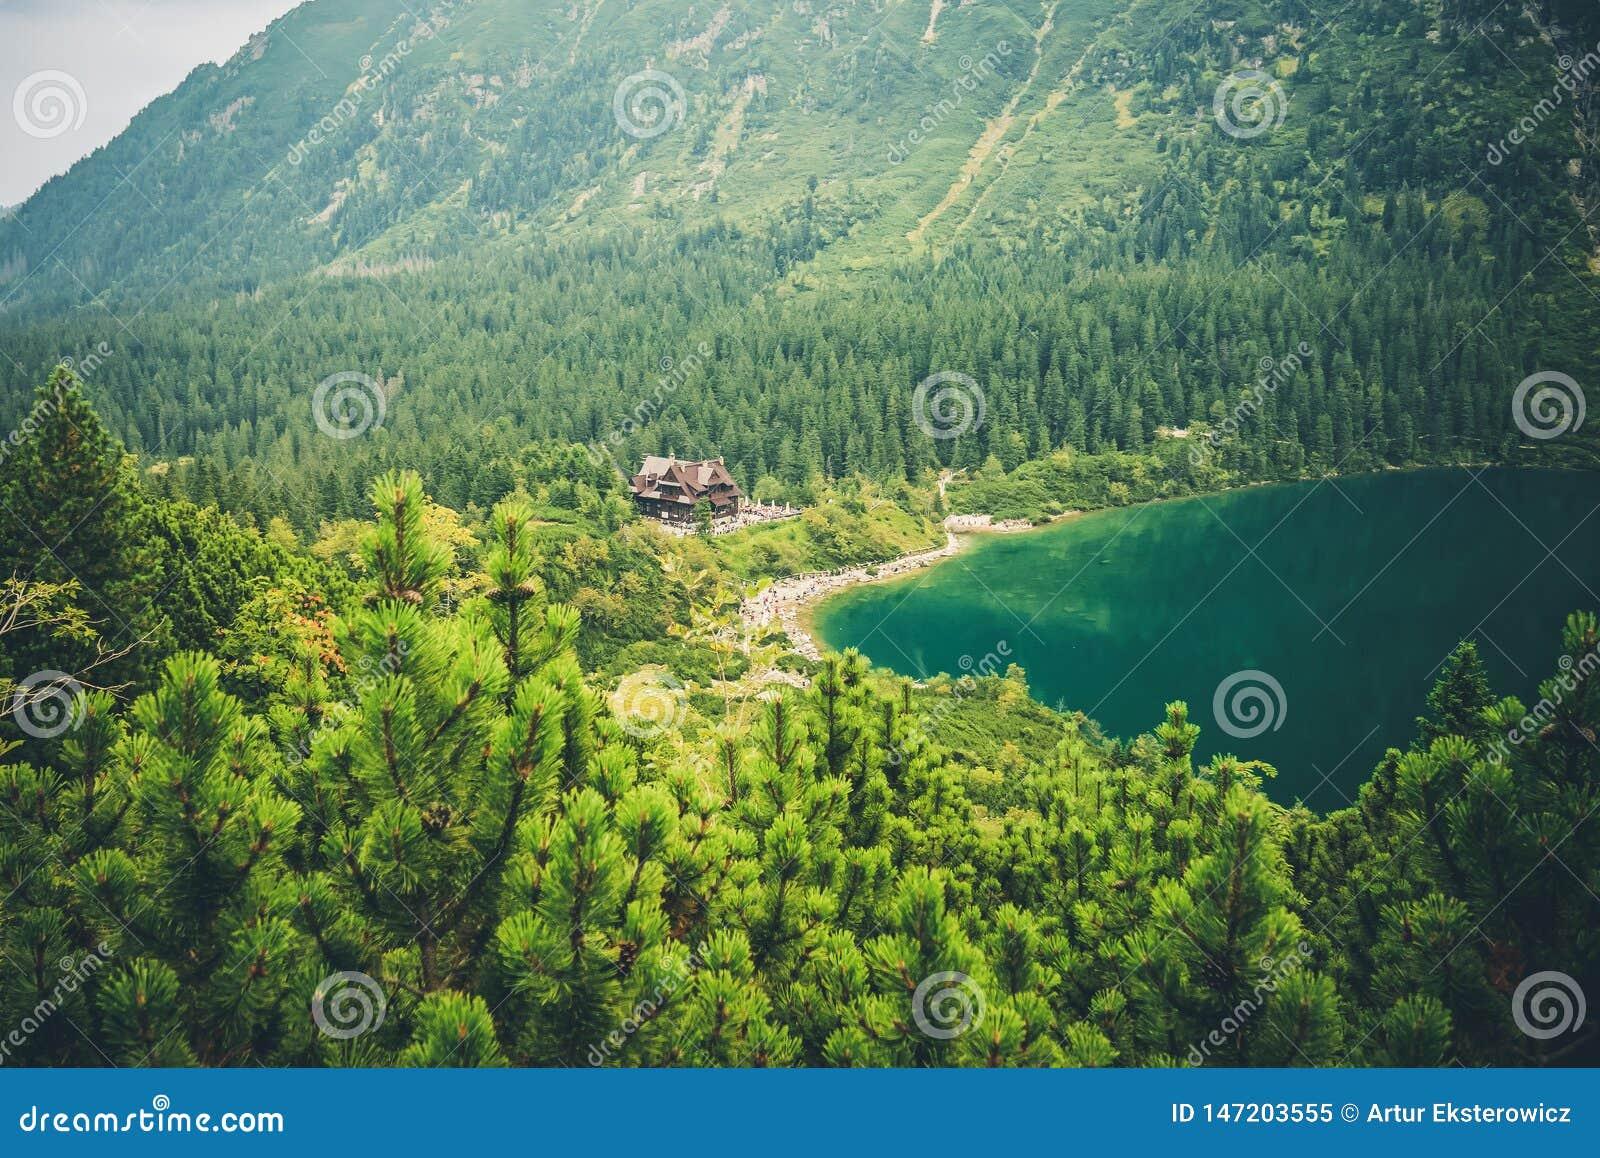 Eine Landschaft von Bergen und eine Ansicht einer Berghütte